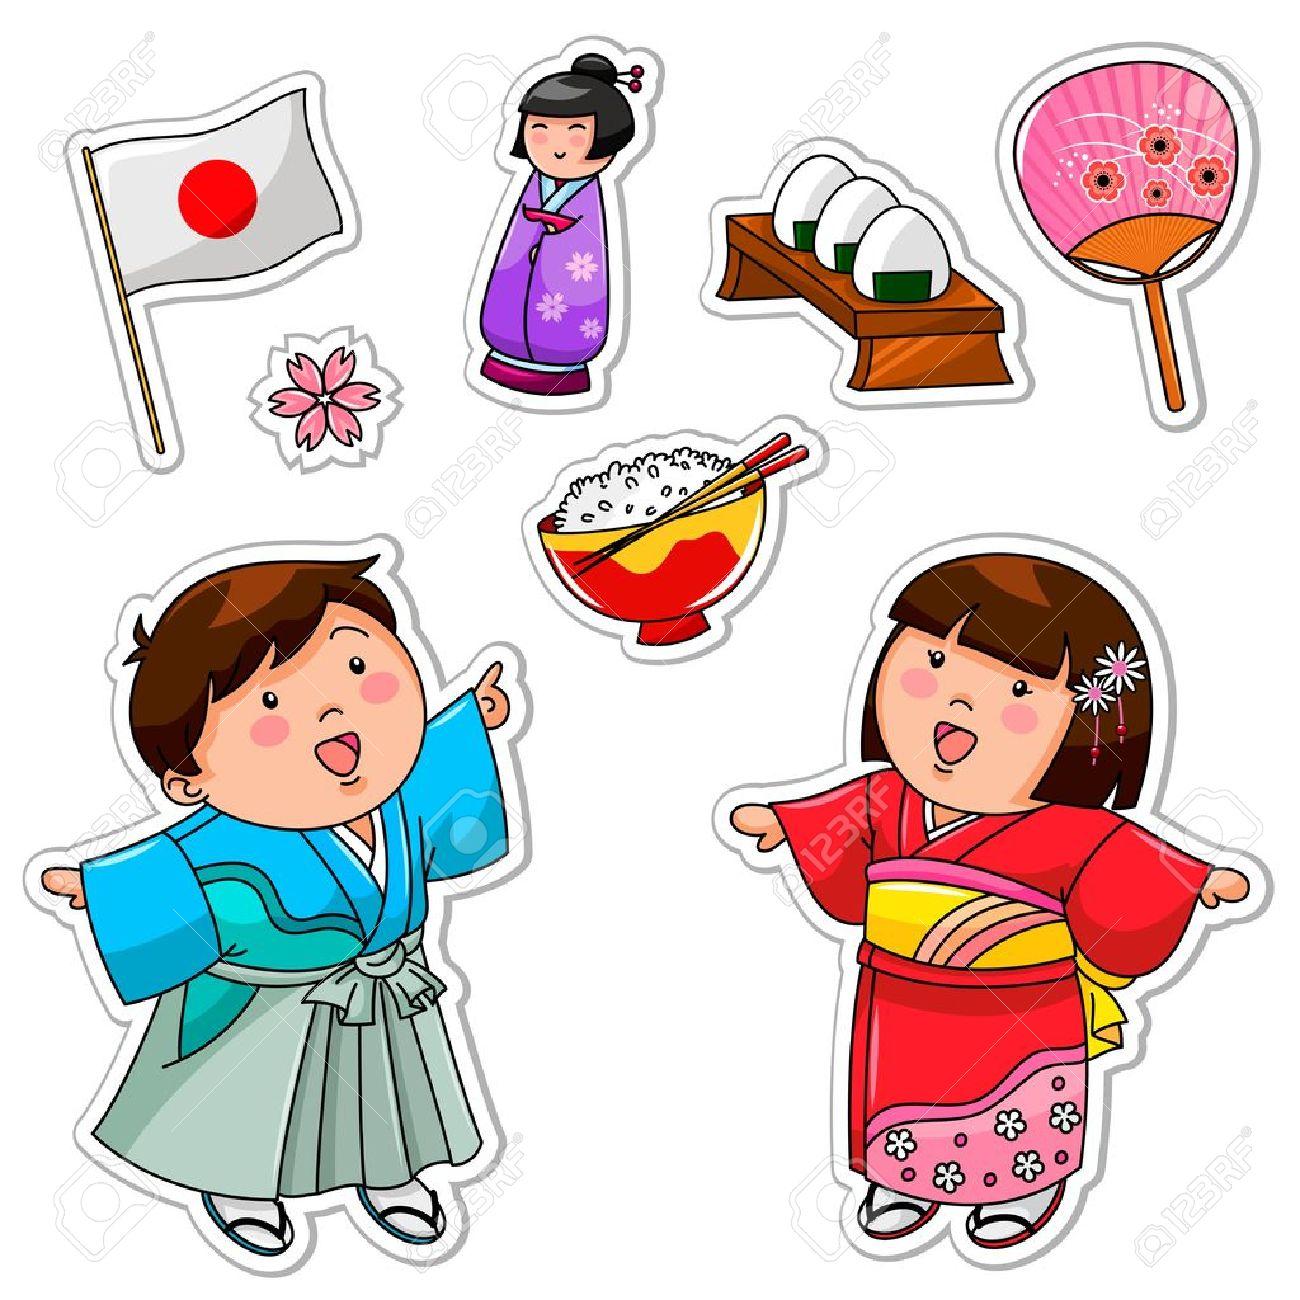 Juego De Ninos Japoneses Y Simbolos Ilustraciones Vectoriales Clip